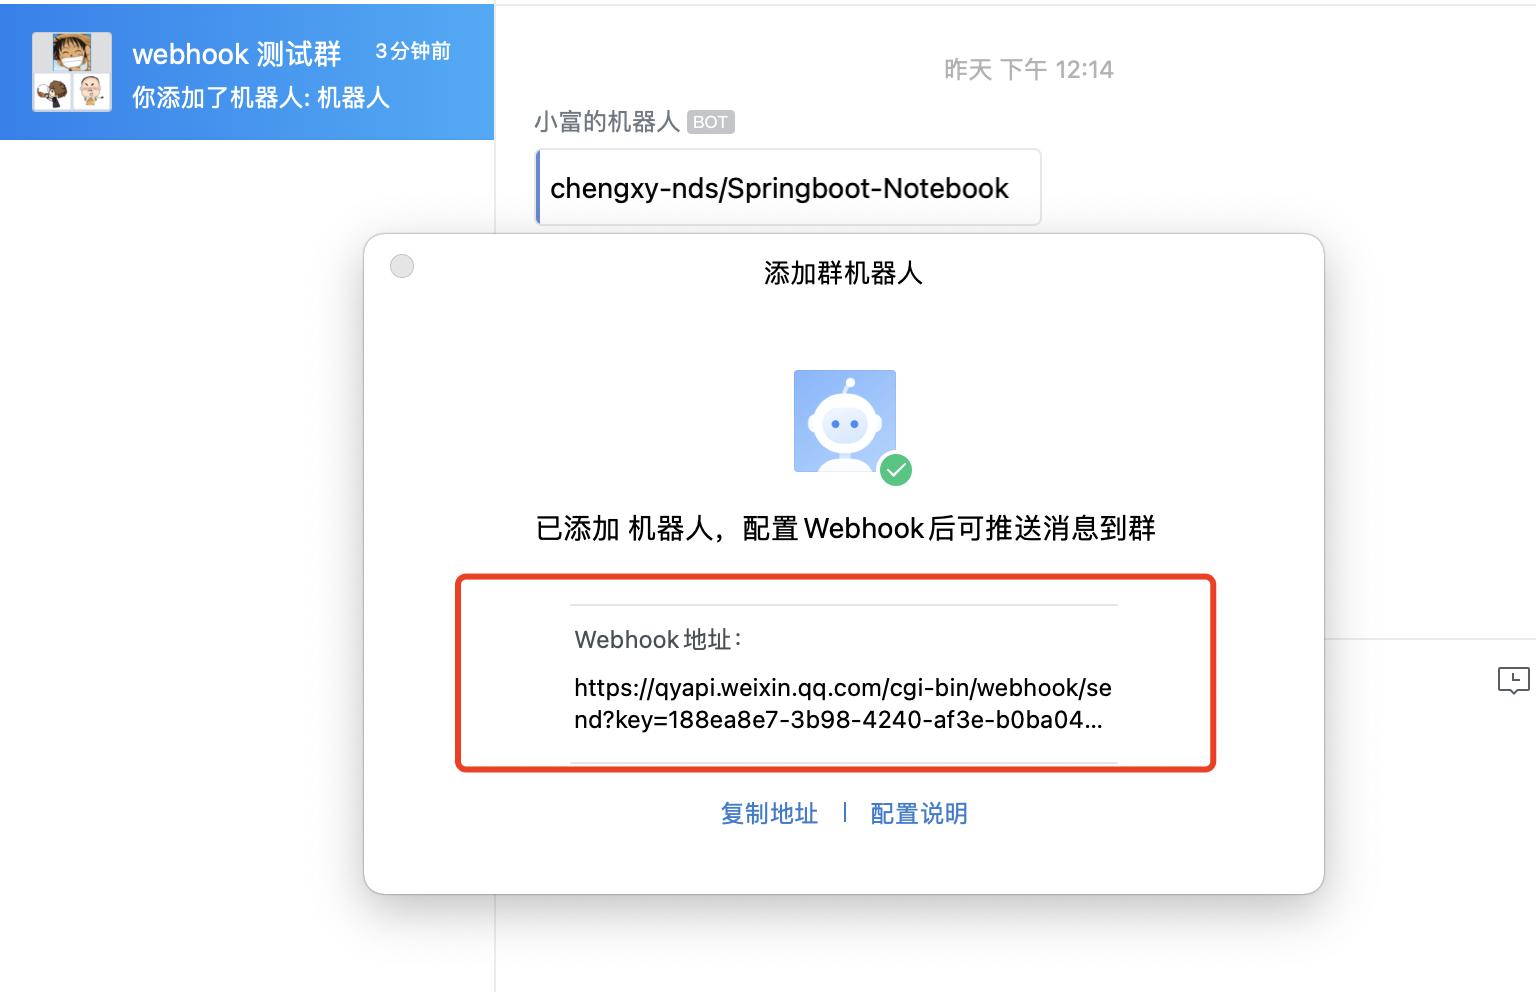 拉仇恨!webhook + 企業微信給同事做了個程式碼提交監聽工具